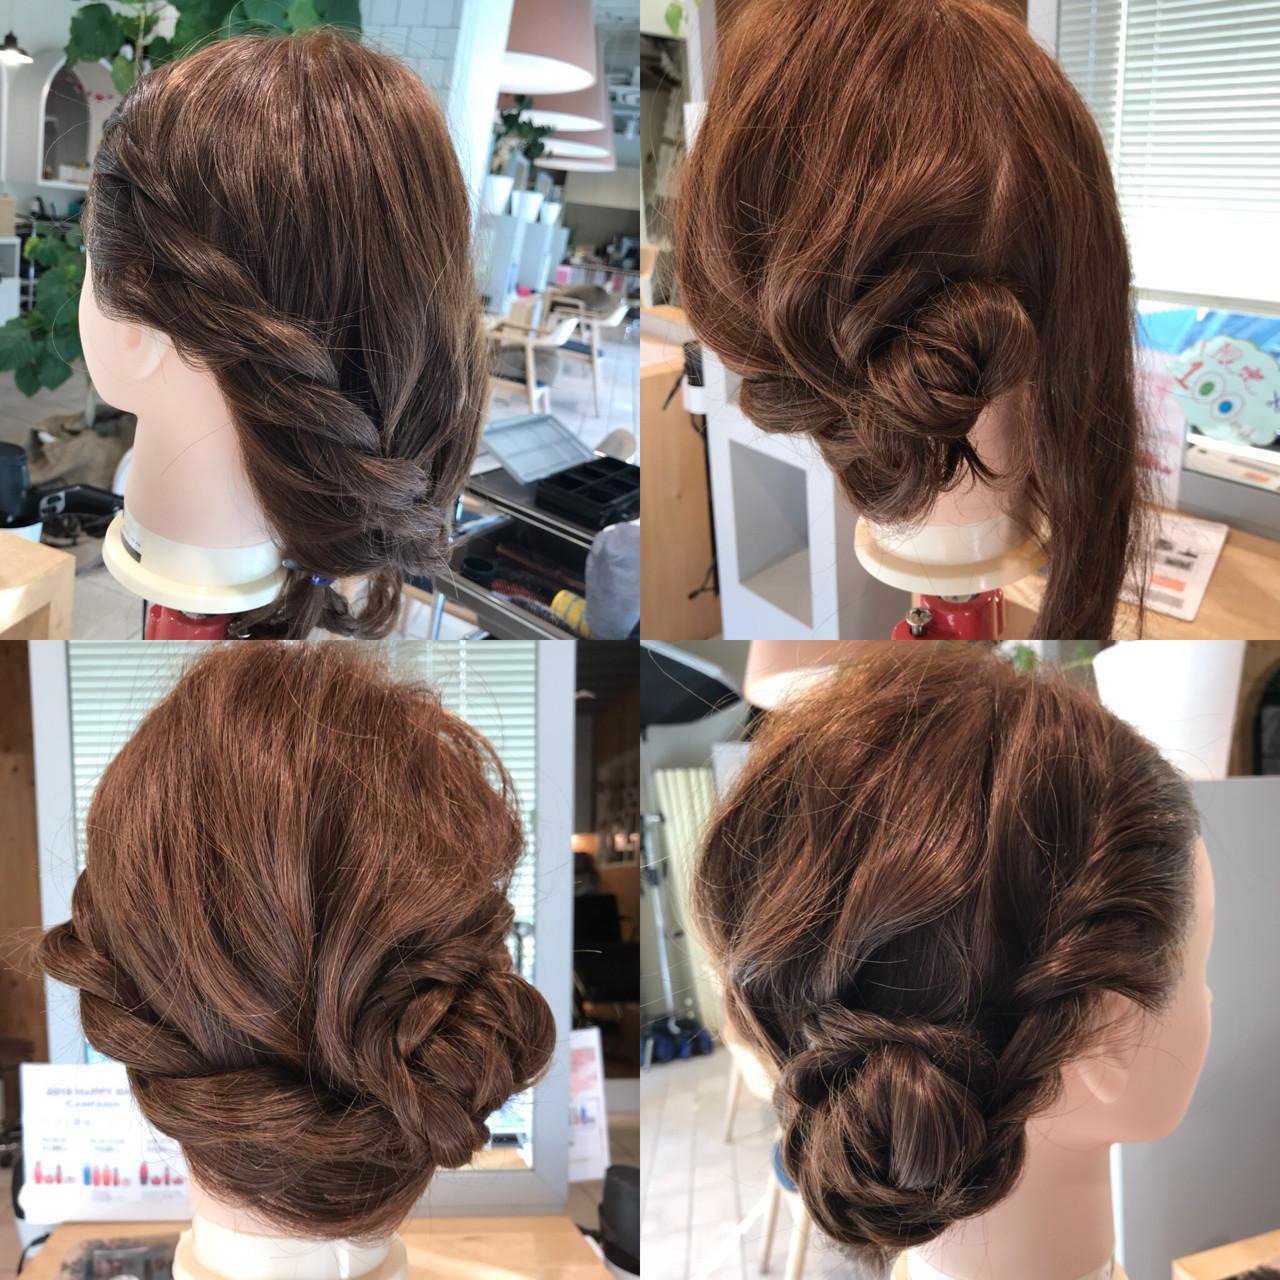 パーティにおすすめロングヘアのロープ編みアレンジ YASU | hair salon M.plus ヨツバコ店 (ヘアーサロン エムプラス)